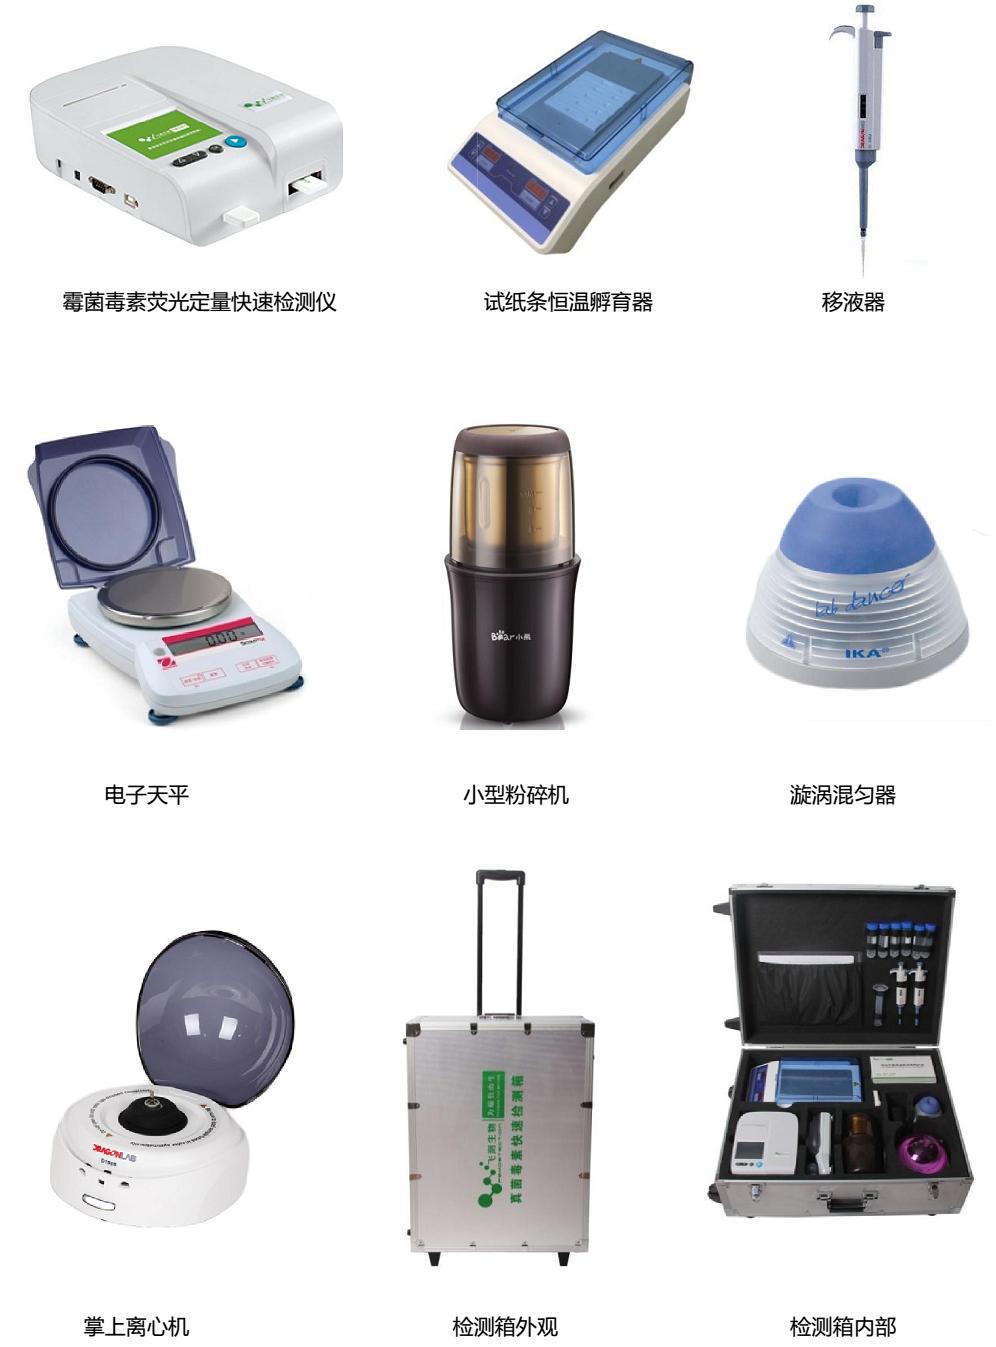 霉菌毒素快速检测箱仪器设备